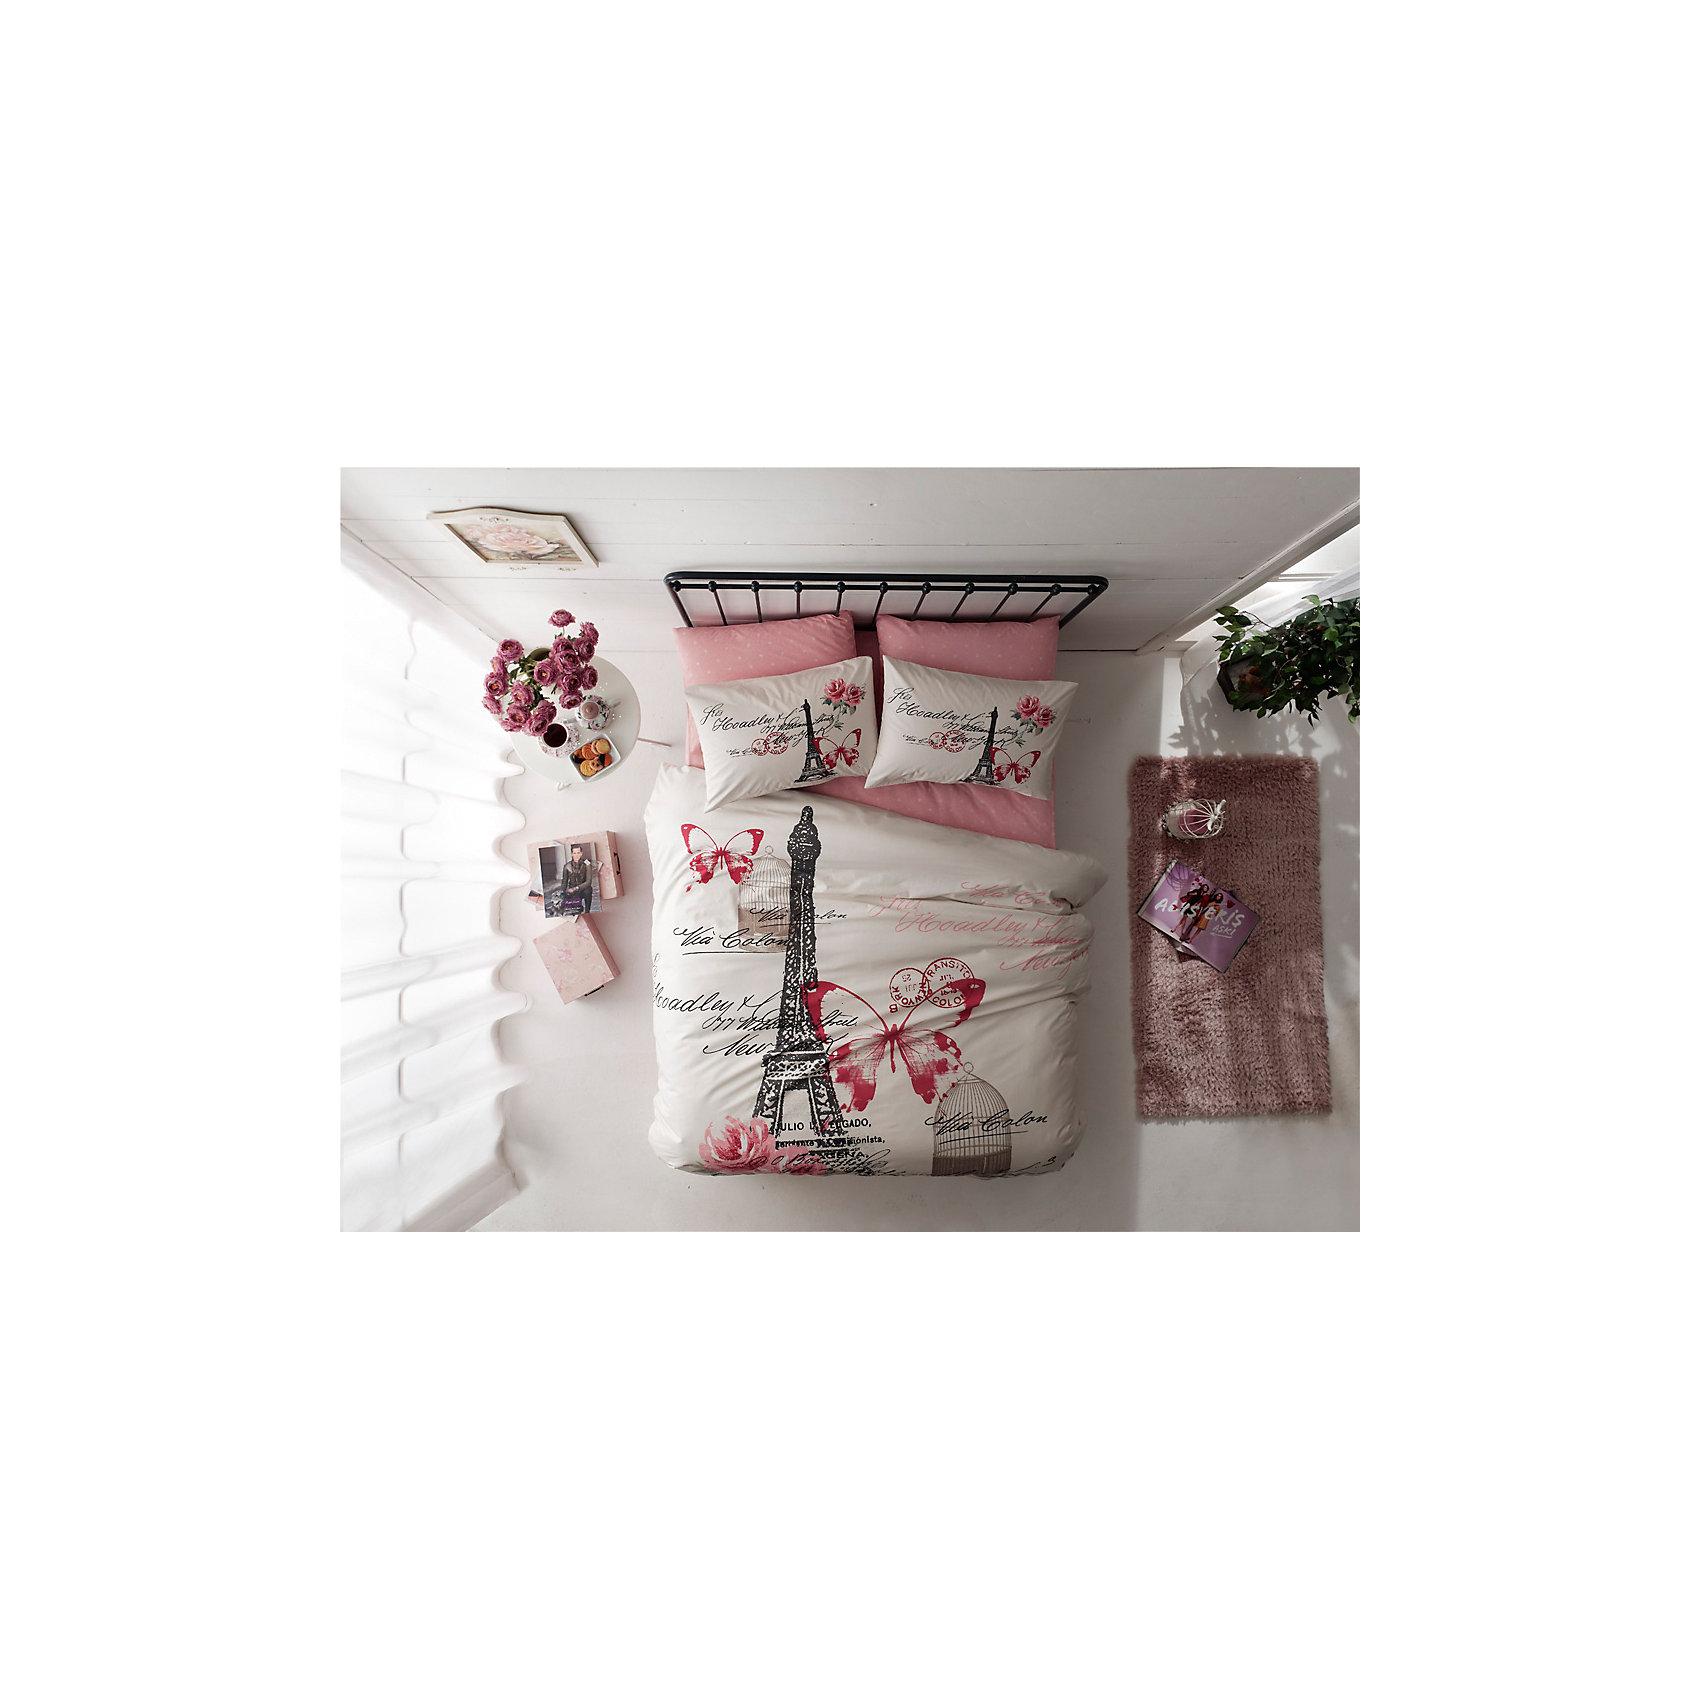 Постельное белье 1,5 сп. Giselle, Ranforce, TAC, розовыйДомашний текстиль<br>Характеристики товара: <br><br>• комплектация: пододеяльник (160х220см), наволочка 2шт.(50х70см), простынь (180х260см)<br>• общий размер: 1,5-спальный;<br>• материал: ранфорс (100% хлопок);<br>• цвет: розовый;<br>• страна бренда: Турция;<br>• страна производитель: Турция.<br><br>Это постельное бельё от турецкого бренда TAC (ТАЧ) отлично впишется в интерьер. Несмотря на плотность ткани, она состоит из мельчайших волокон, что придаёт мягкость и воздушность изделию. Все материалы, которые входят в состав этого комплекта, гипоаллергенны и не вызывают неприятных ощущений. Это бельё не боится воды, так как пропускает через себя около 20% влаги и выводит наружу, поэтому её очень легко сушить. Такие материалы не электризуются, а наоборот способствуют улучшению сна и хорошо пропускают воздух. <br><br>Такой комплект очень устойчив к частым стиркам, его рекомендуется стирать обычным порошком. Ткань отличается особой износоустойчивостью и прочностью.<br><br>Постельное белье Gisellу (Джисели) можно купить в нашем интернет-магазине.<br><br>Ширина мм: 270<br>Глубина мм: 70<br>Высота мм: 390<br>Вес г: 2200<br>Возраст от месяцев: 216<br>Возраст до месяцев: 1188<br>Пол: Унисекс<br>Возраст: Детский<br>SKU: 6849249